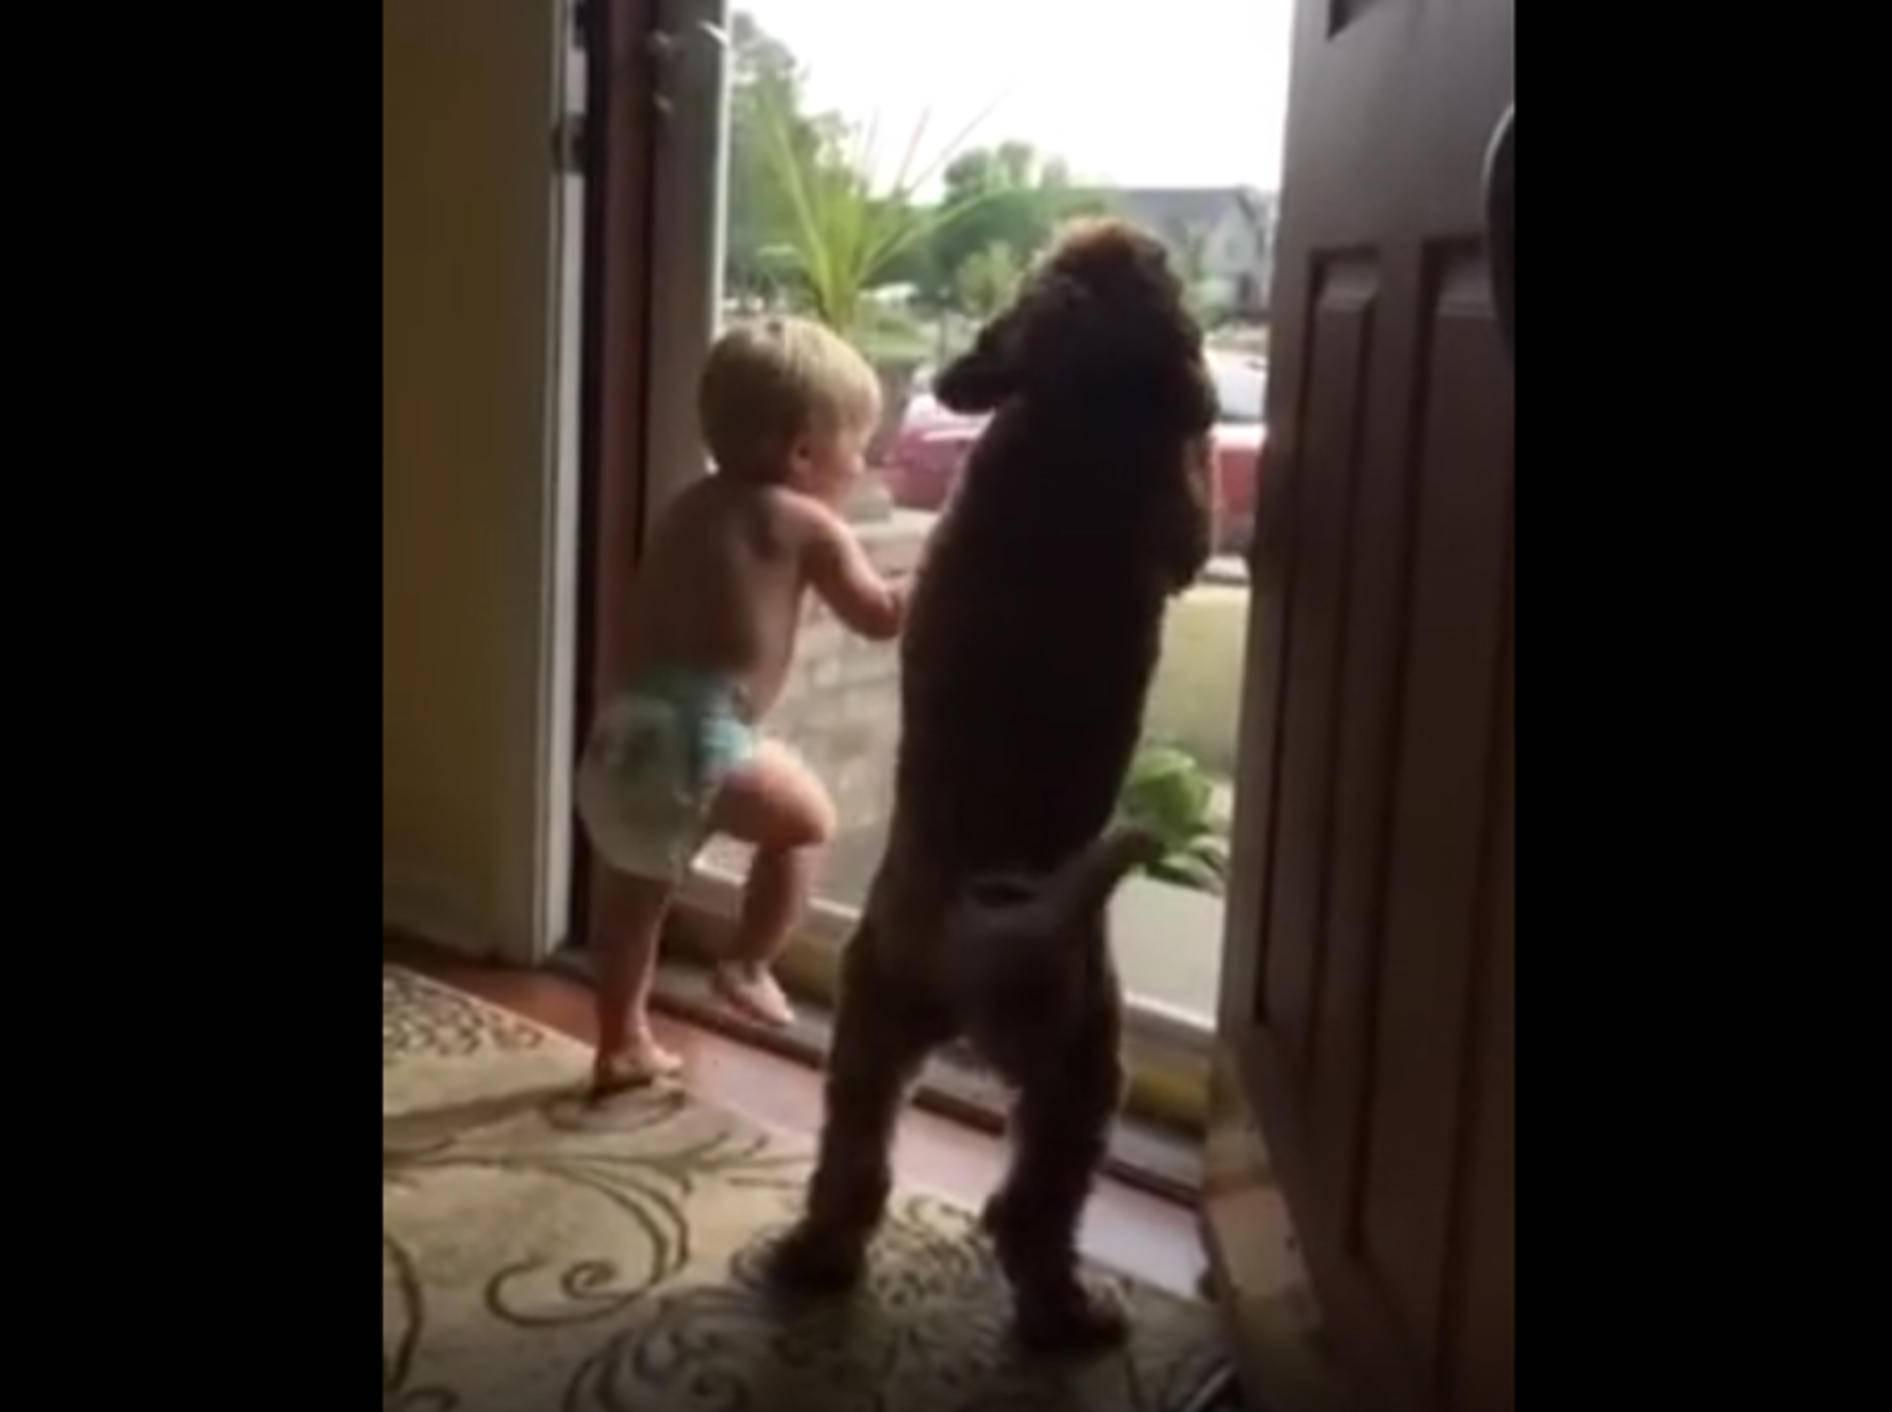 """""""Da kommt Papa! Juhu!"""": So ein schöner Empfang von Hund und Söhnchen – YouTube / Natalie G"""